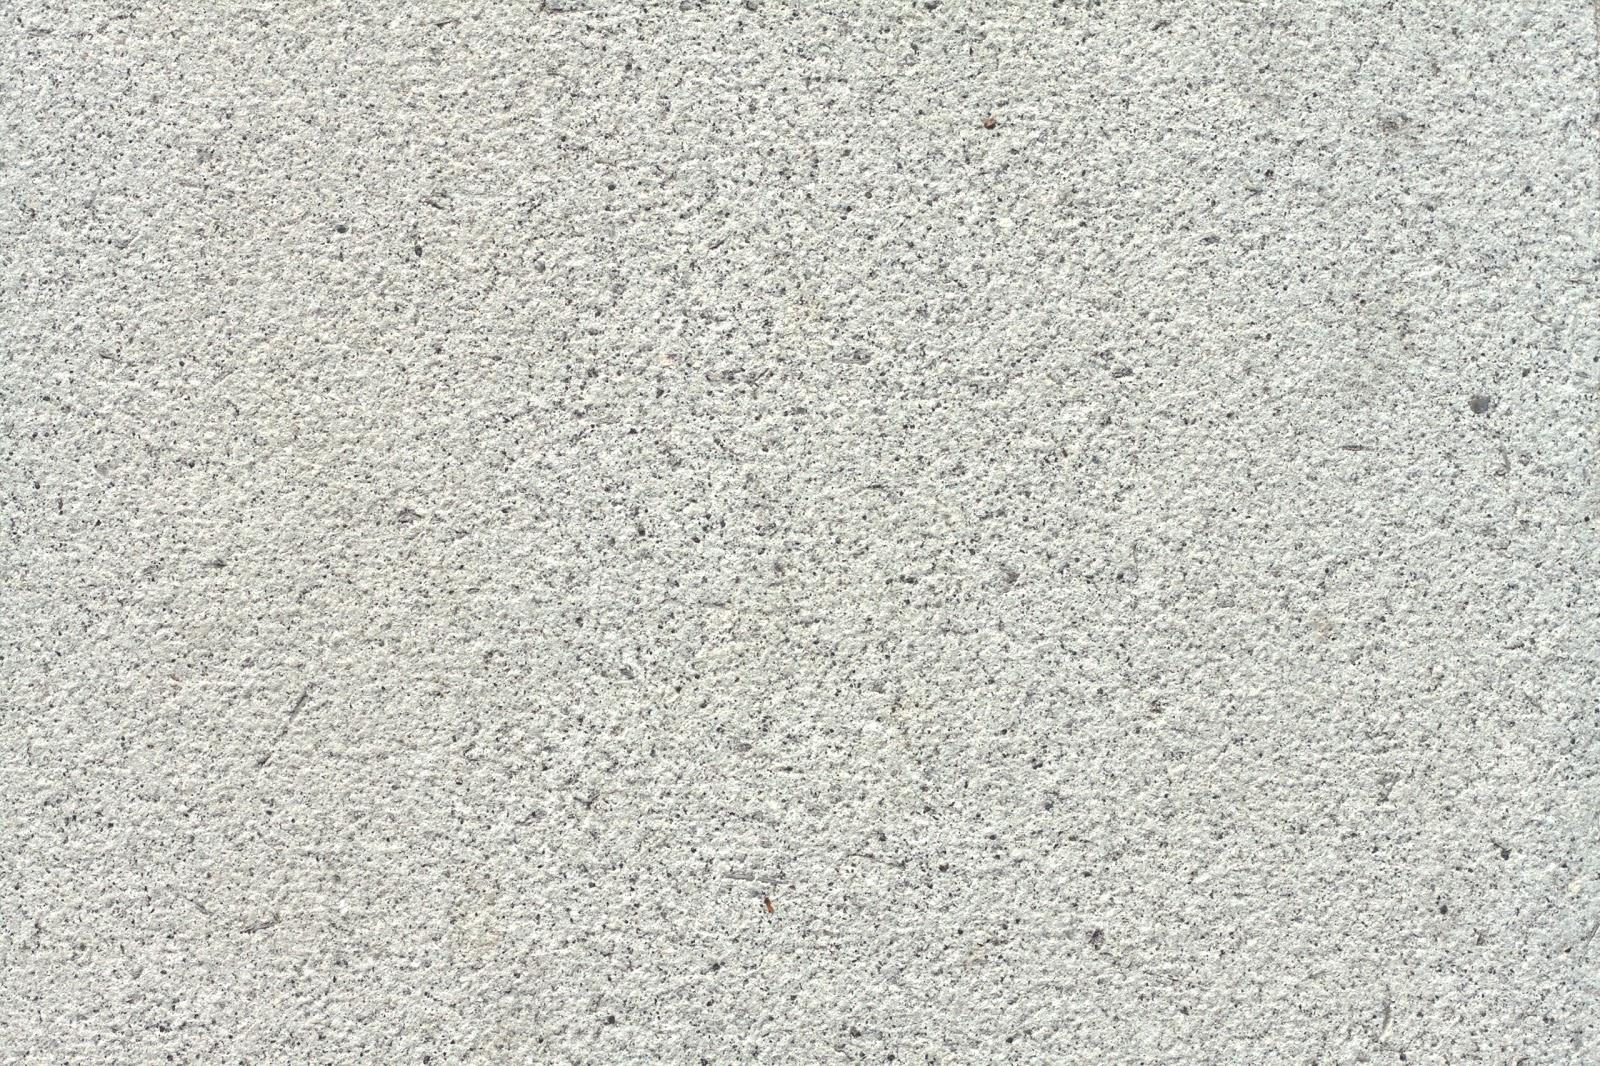 Stone white texture 4770x3178